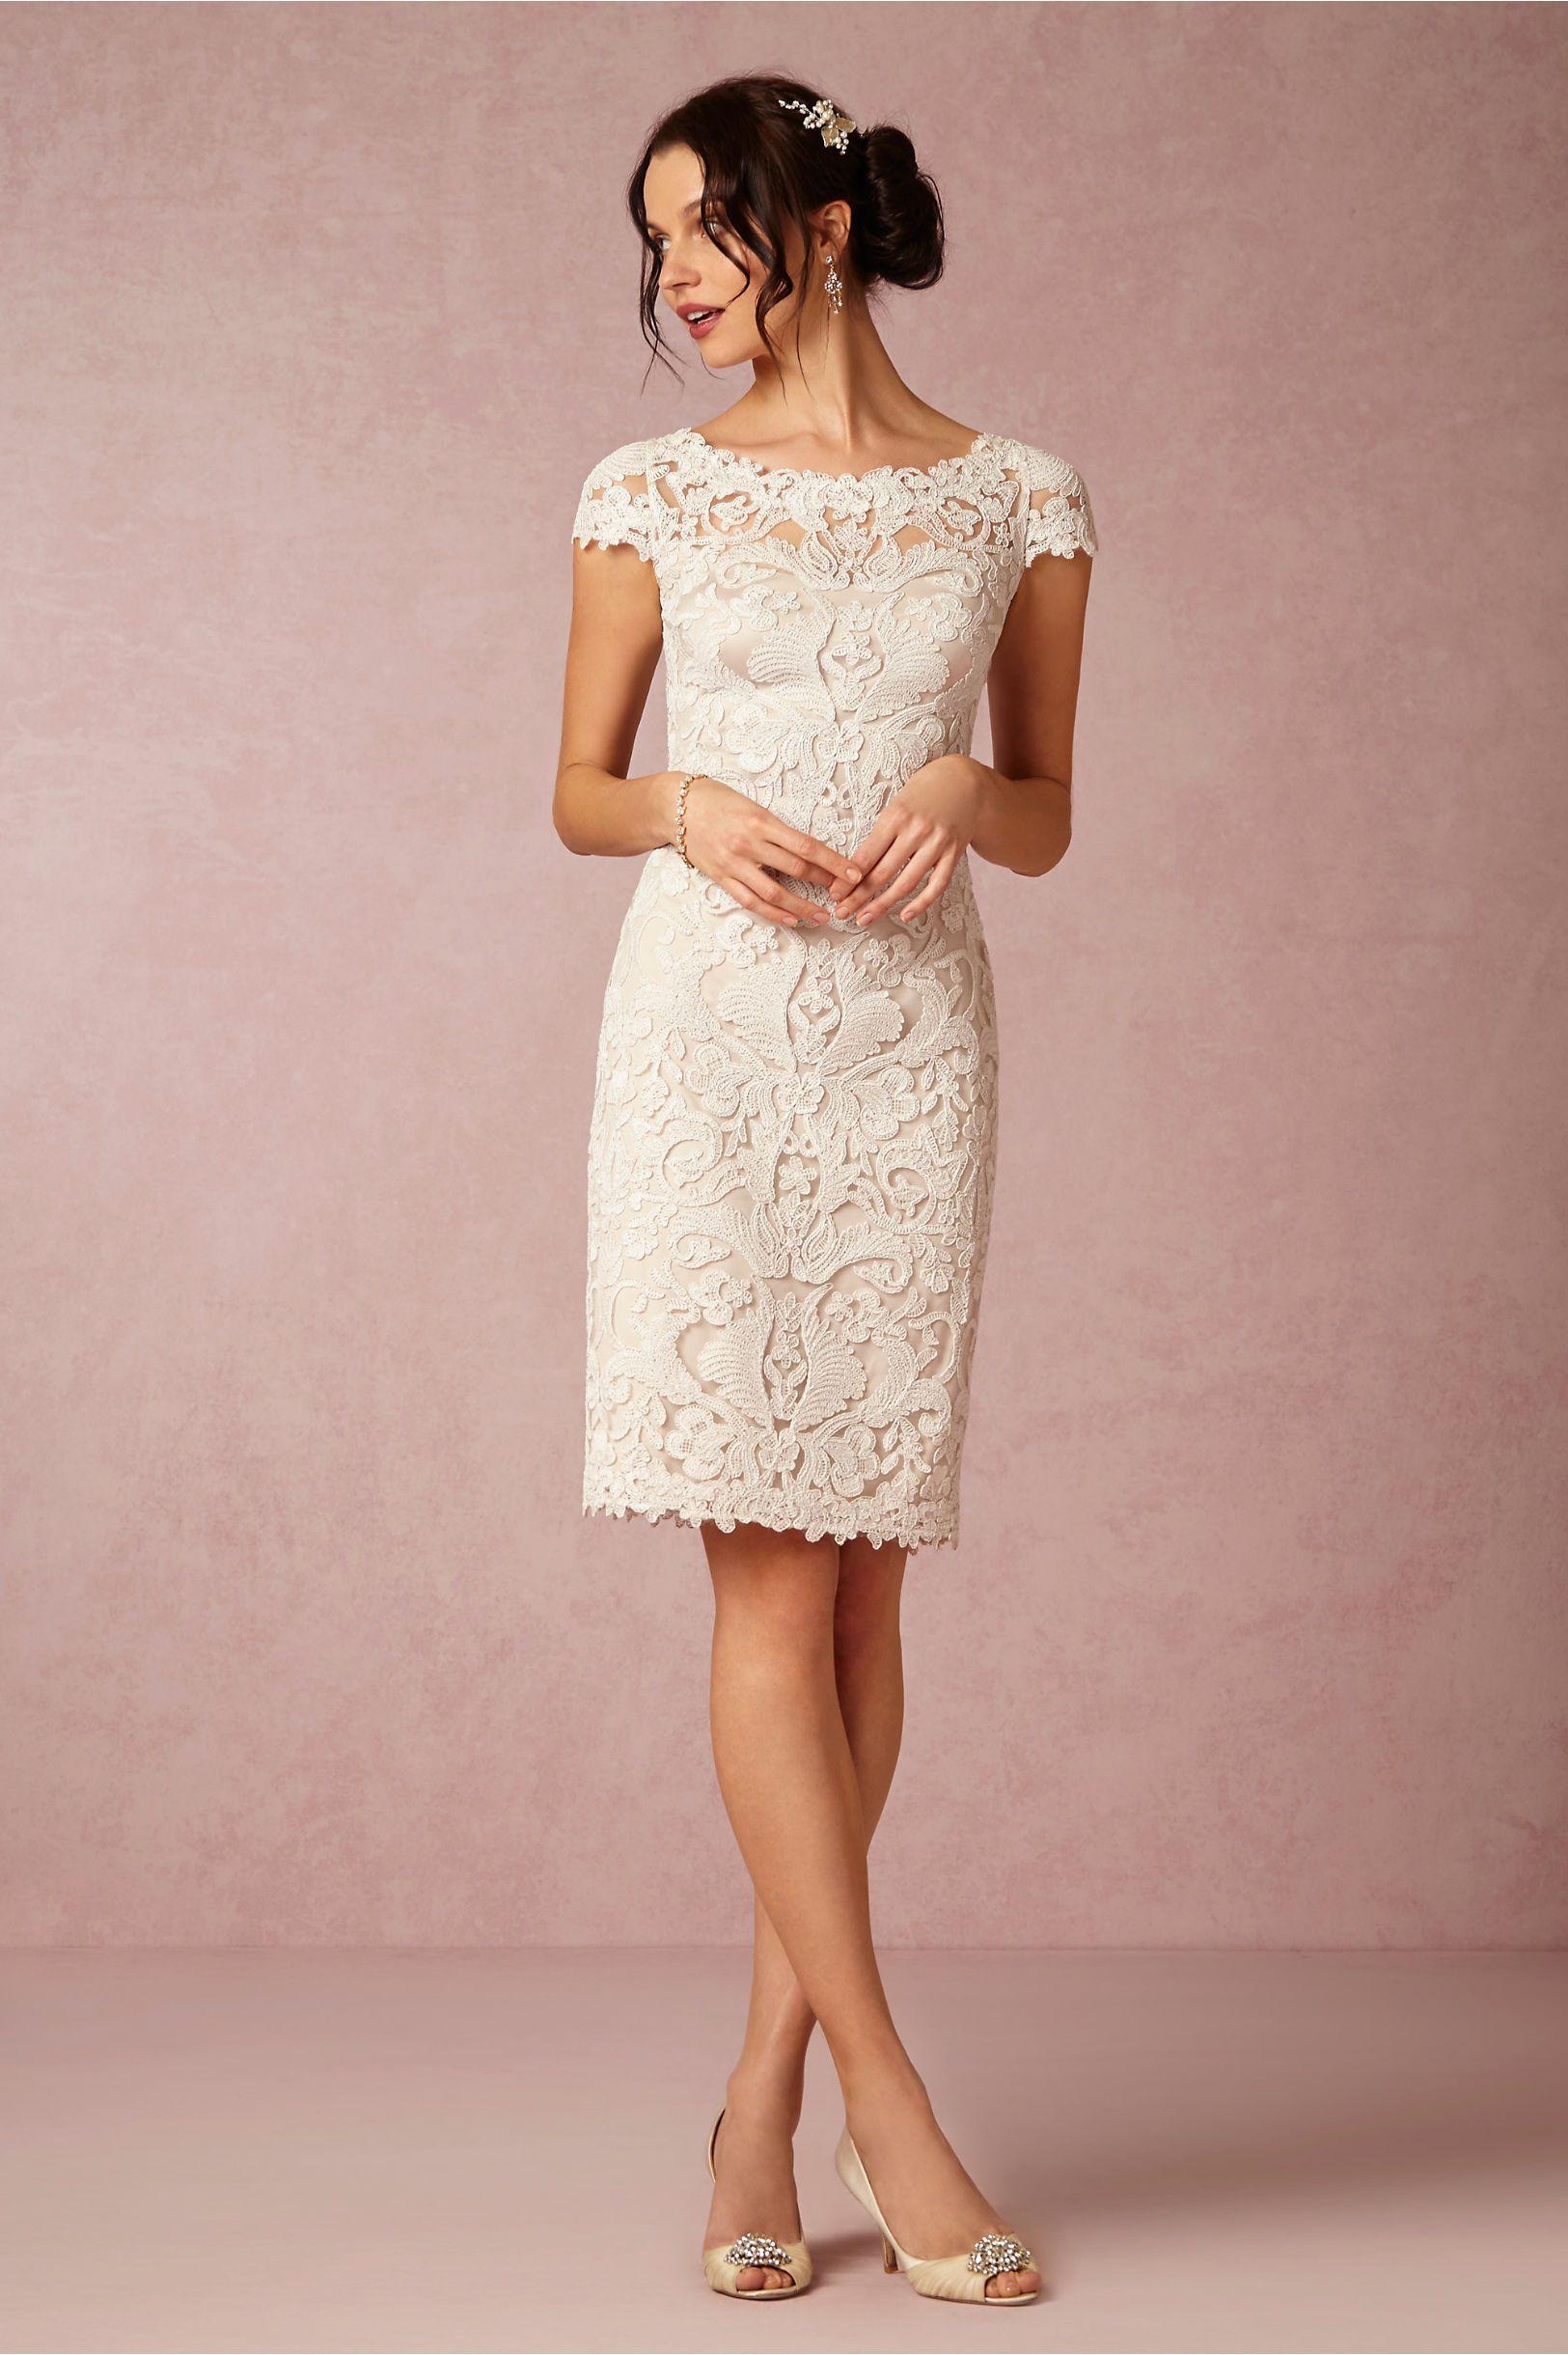 Schön Schickes Kleid Für Hochzeit Stylish15 Schön Schickes Kleid Für Hochzeit Ärmel